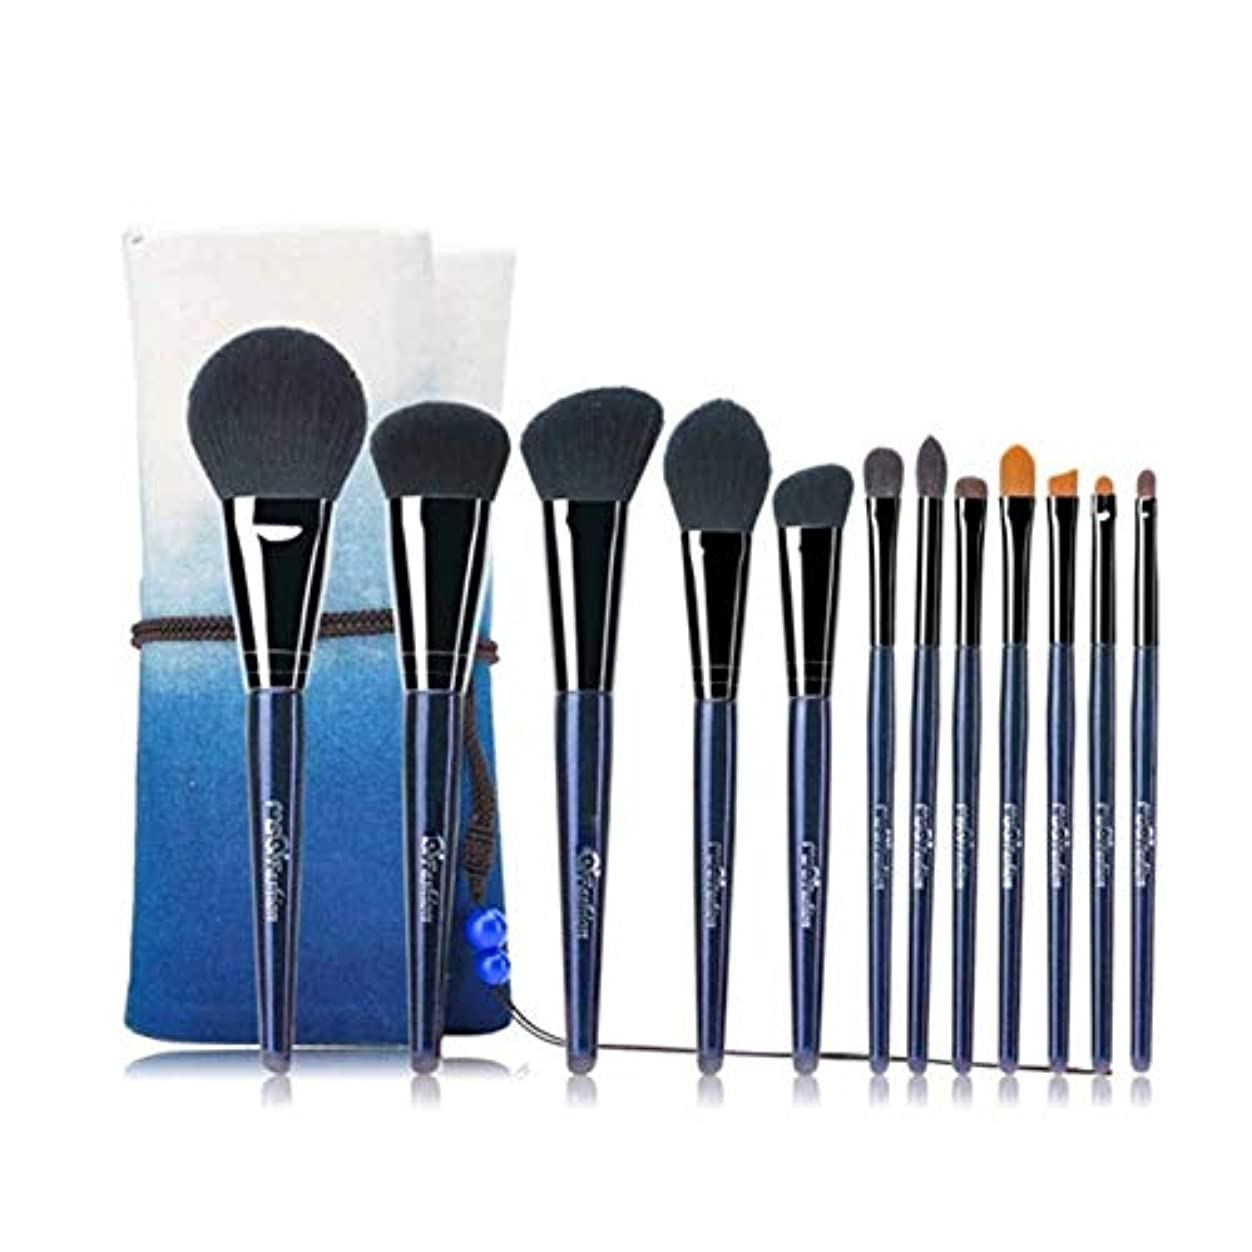 糸雪継承XIAOCHAOSD 収納袋、初心者メイクブラシセット、ソフトで快適でメイクブラシ、12メイクブラシセット、メイクブラシのフルセット、 (Color : Blue)